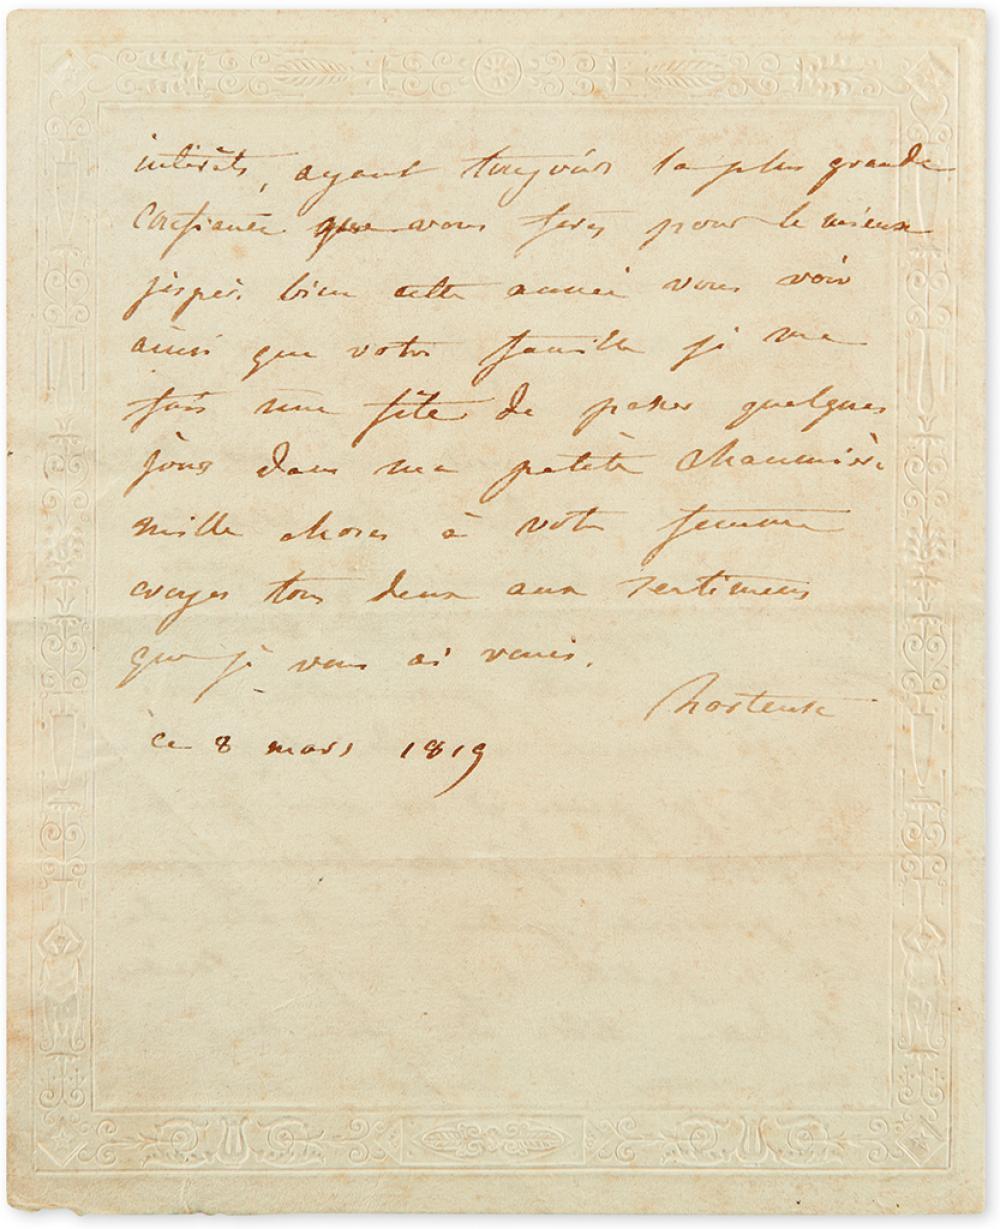 (NAPOLÉON.) BEAUHARNAIS, HORTENSE DE. Autograph Letter Signed,